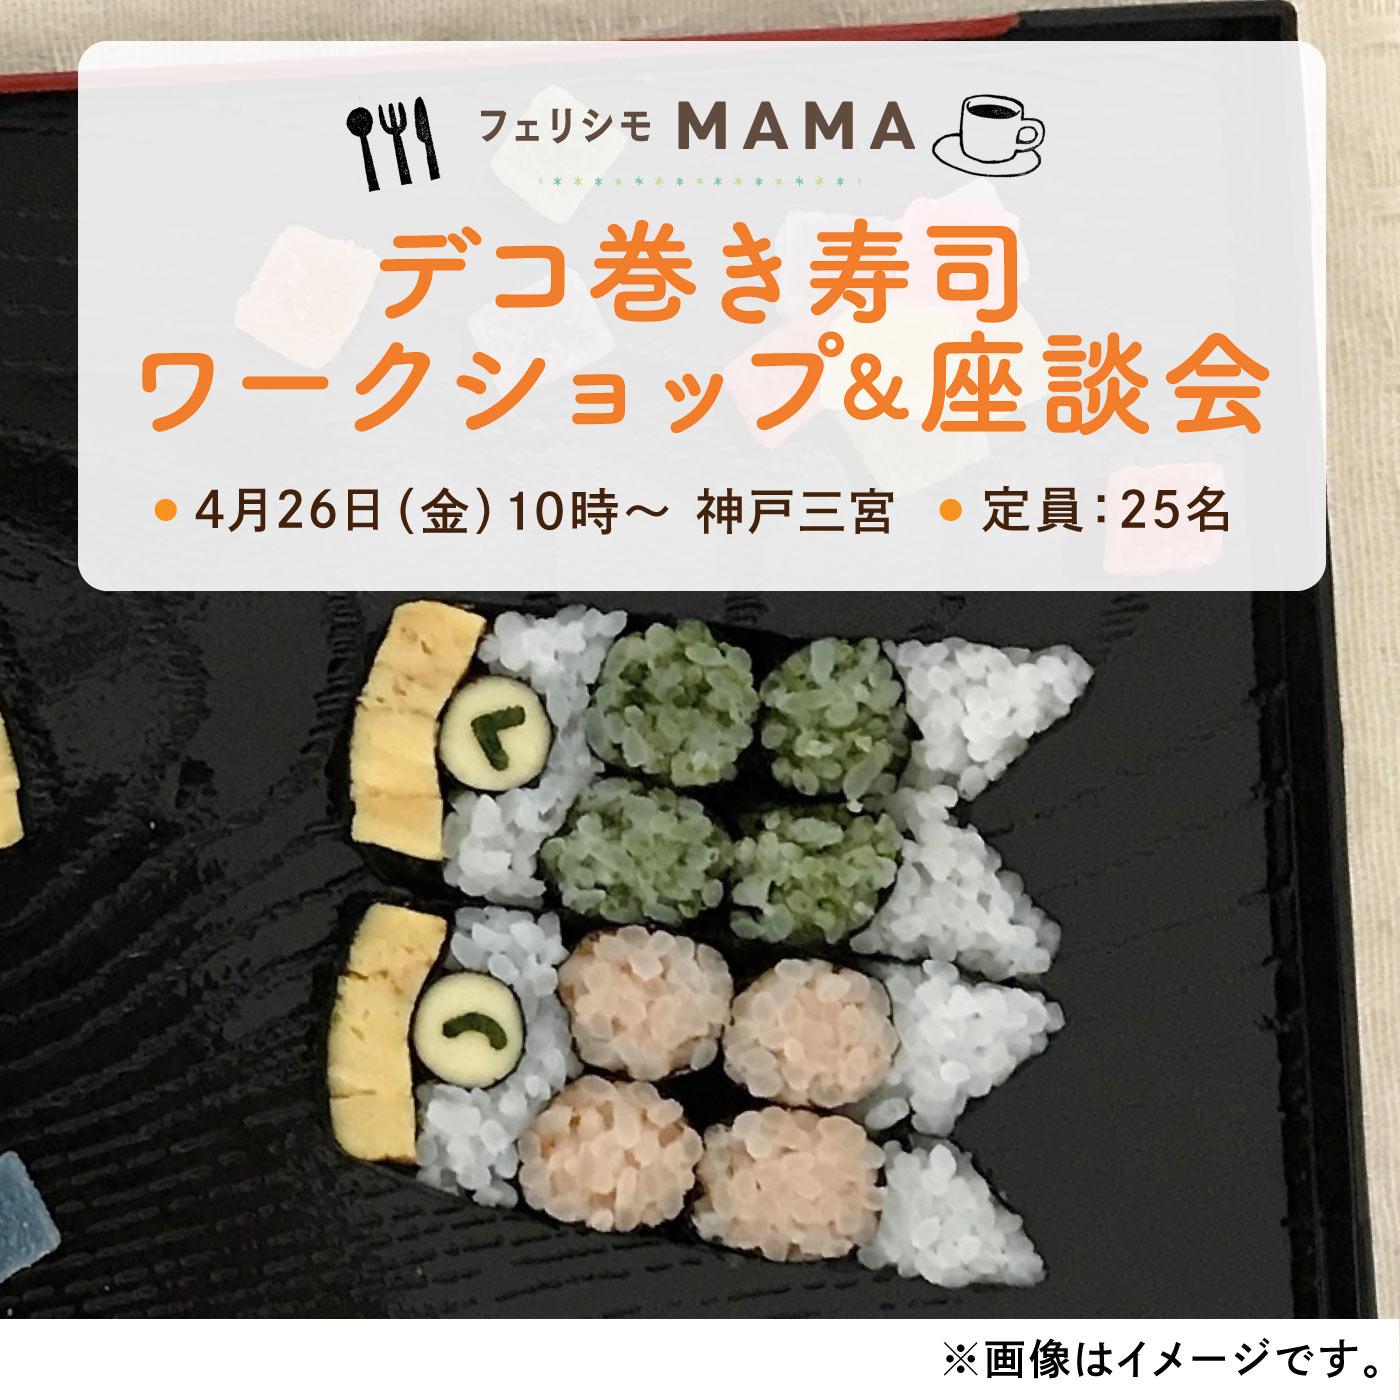 〈フェリシモMAMA〉4月26日(金)デコ巻き寿司ワークショップ&座談会